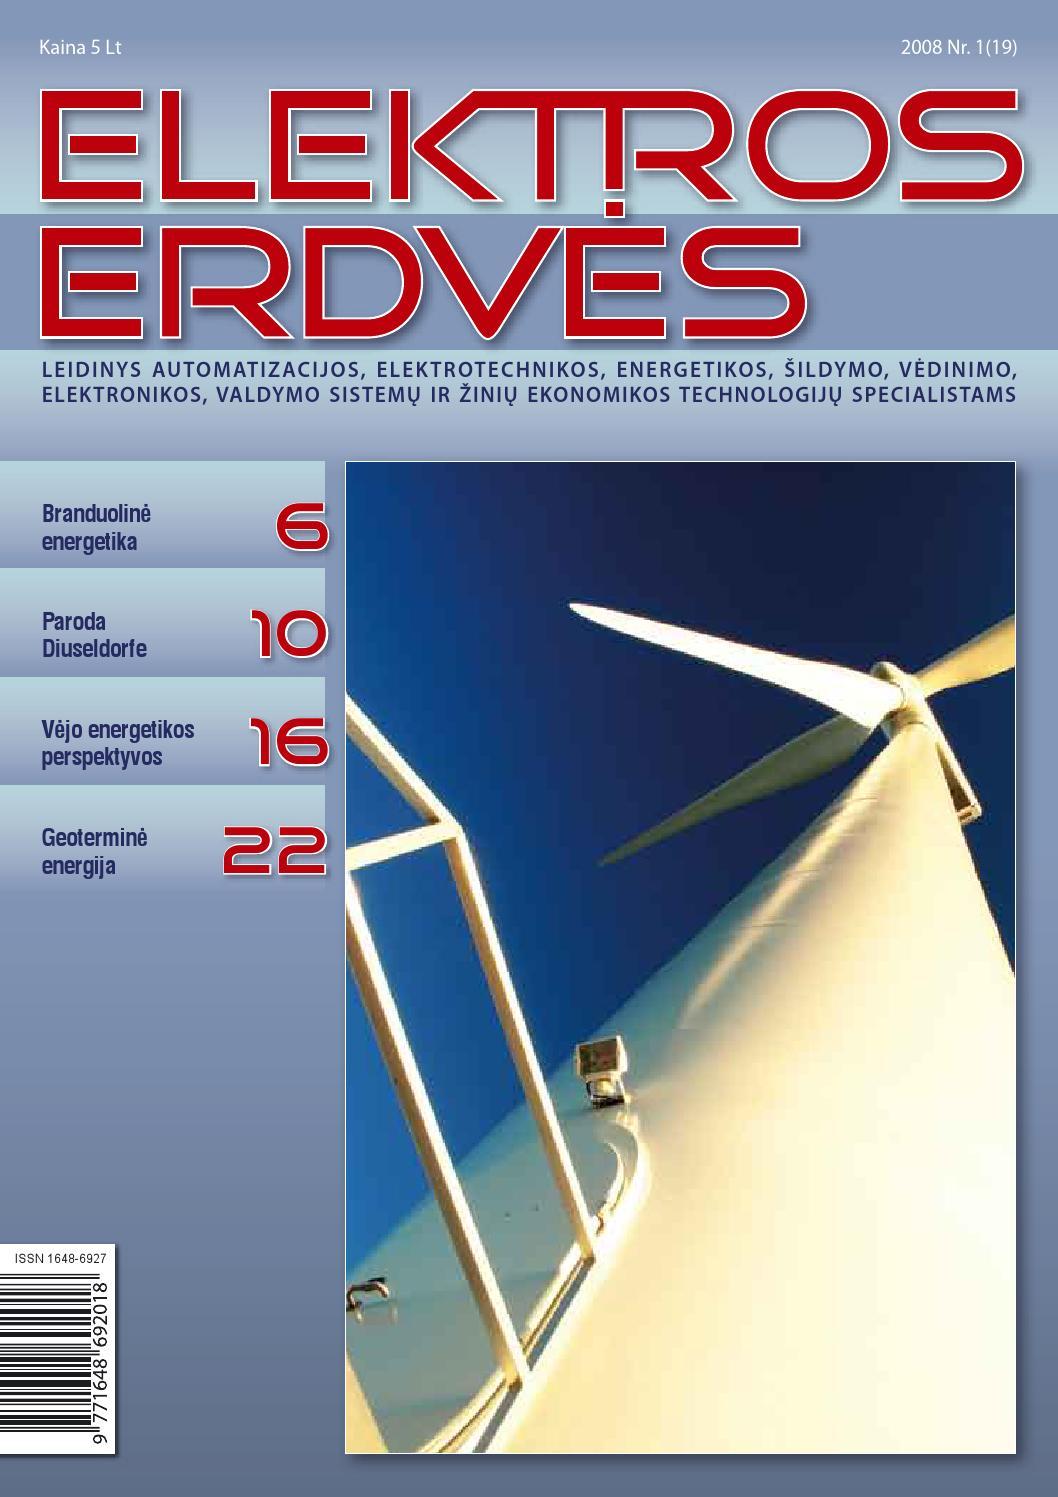 svarbiausios energetikos sistemų prekybos paslaugos susijusios su filipinais)